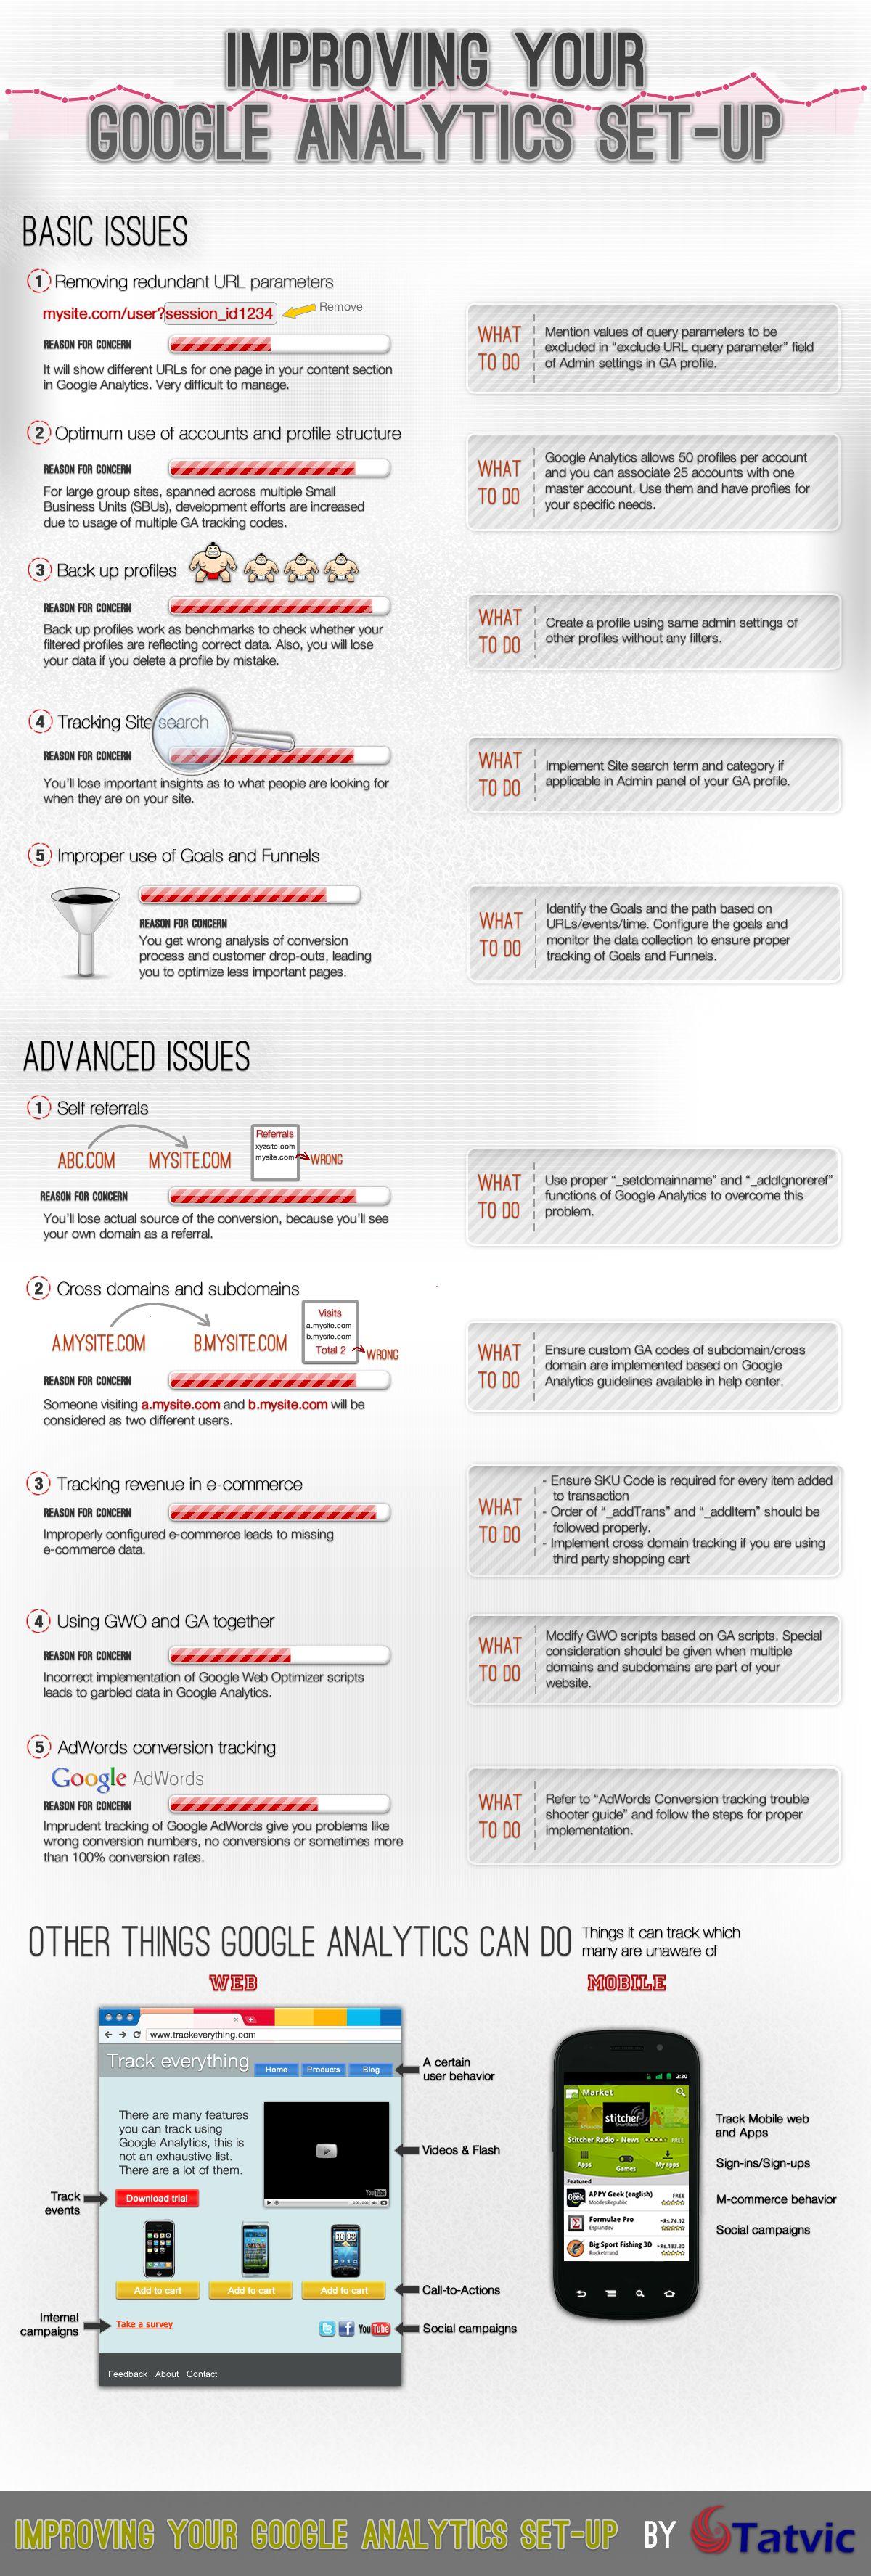 Improving your Google Analytics set-up